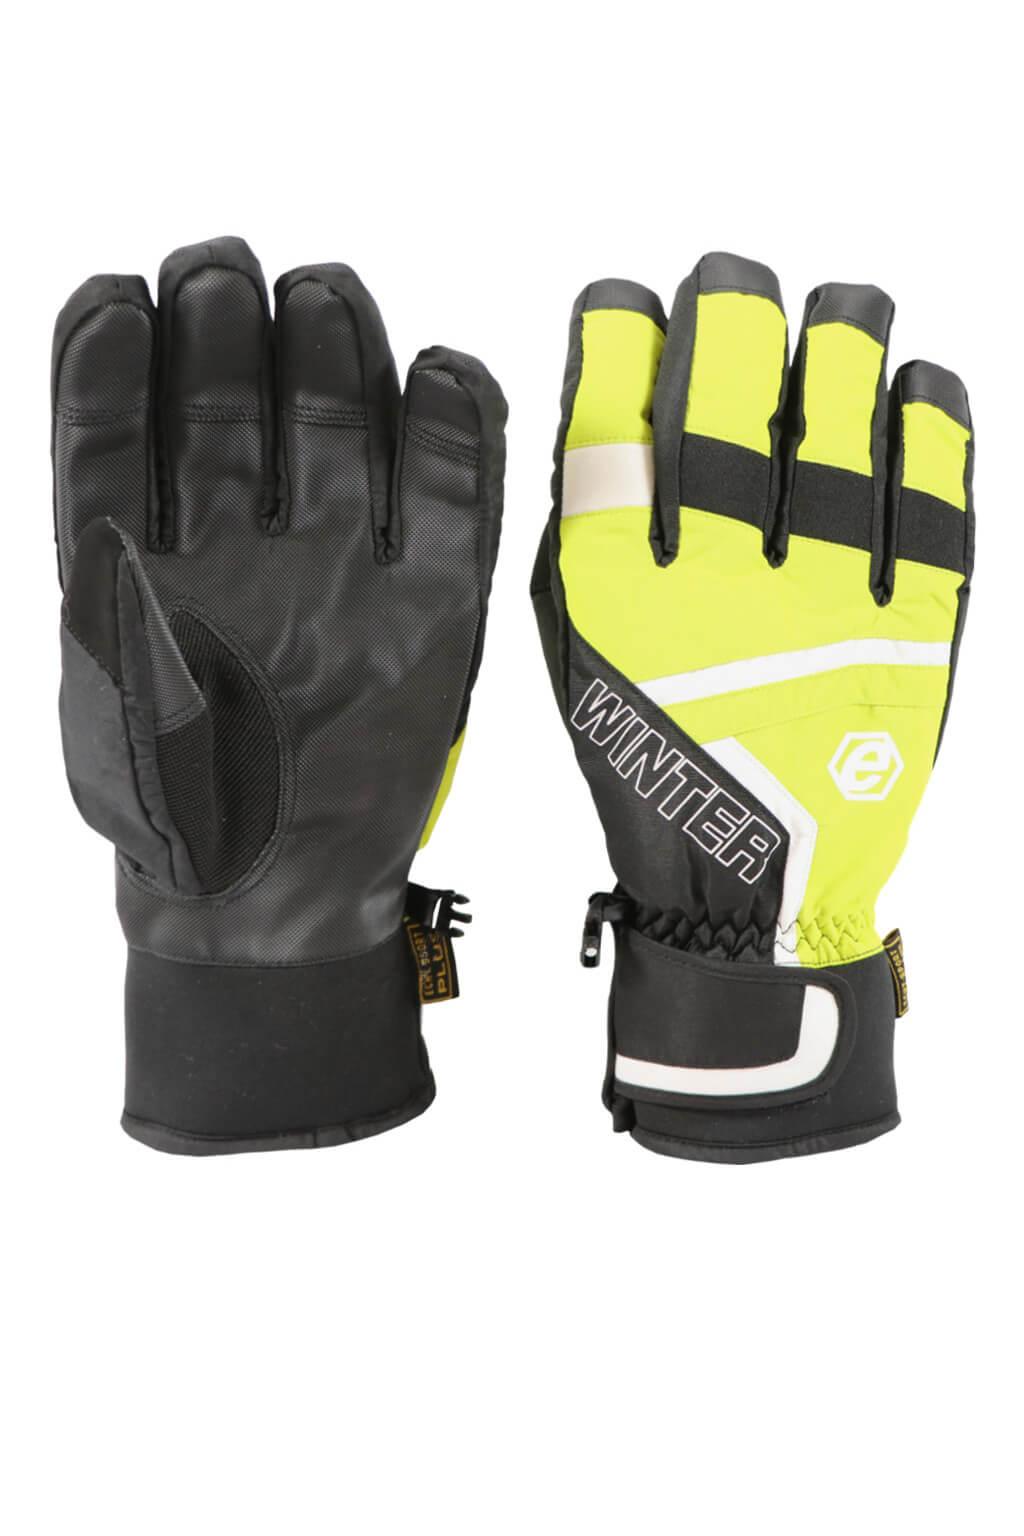 6334828b75f Mort pánské lyžařské rukavice HX031 XL světle zelená